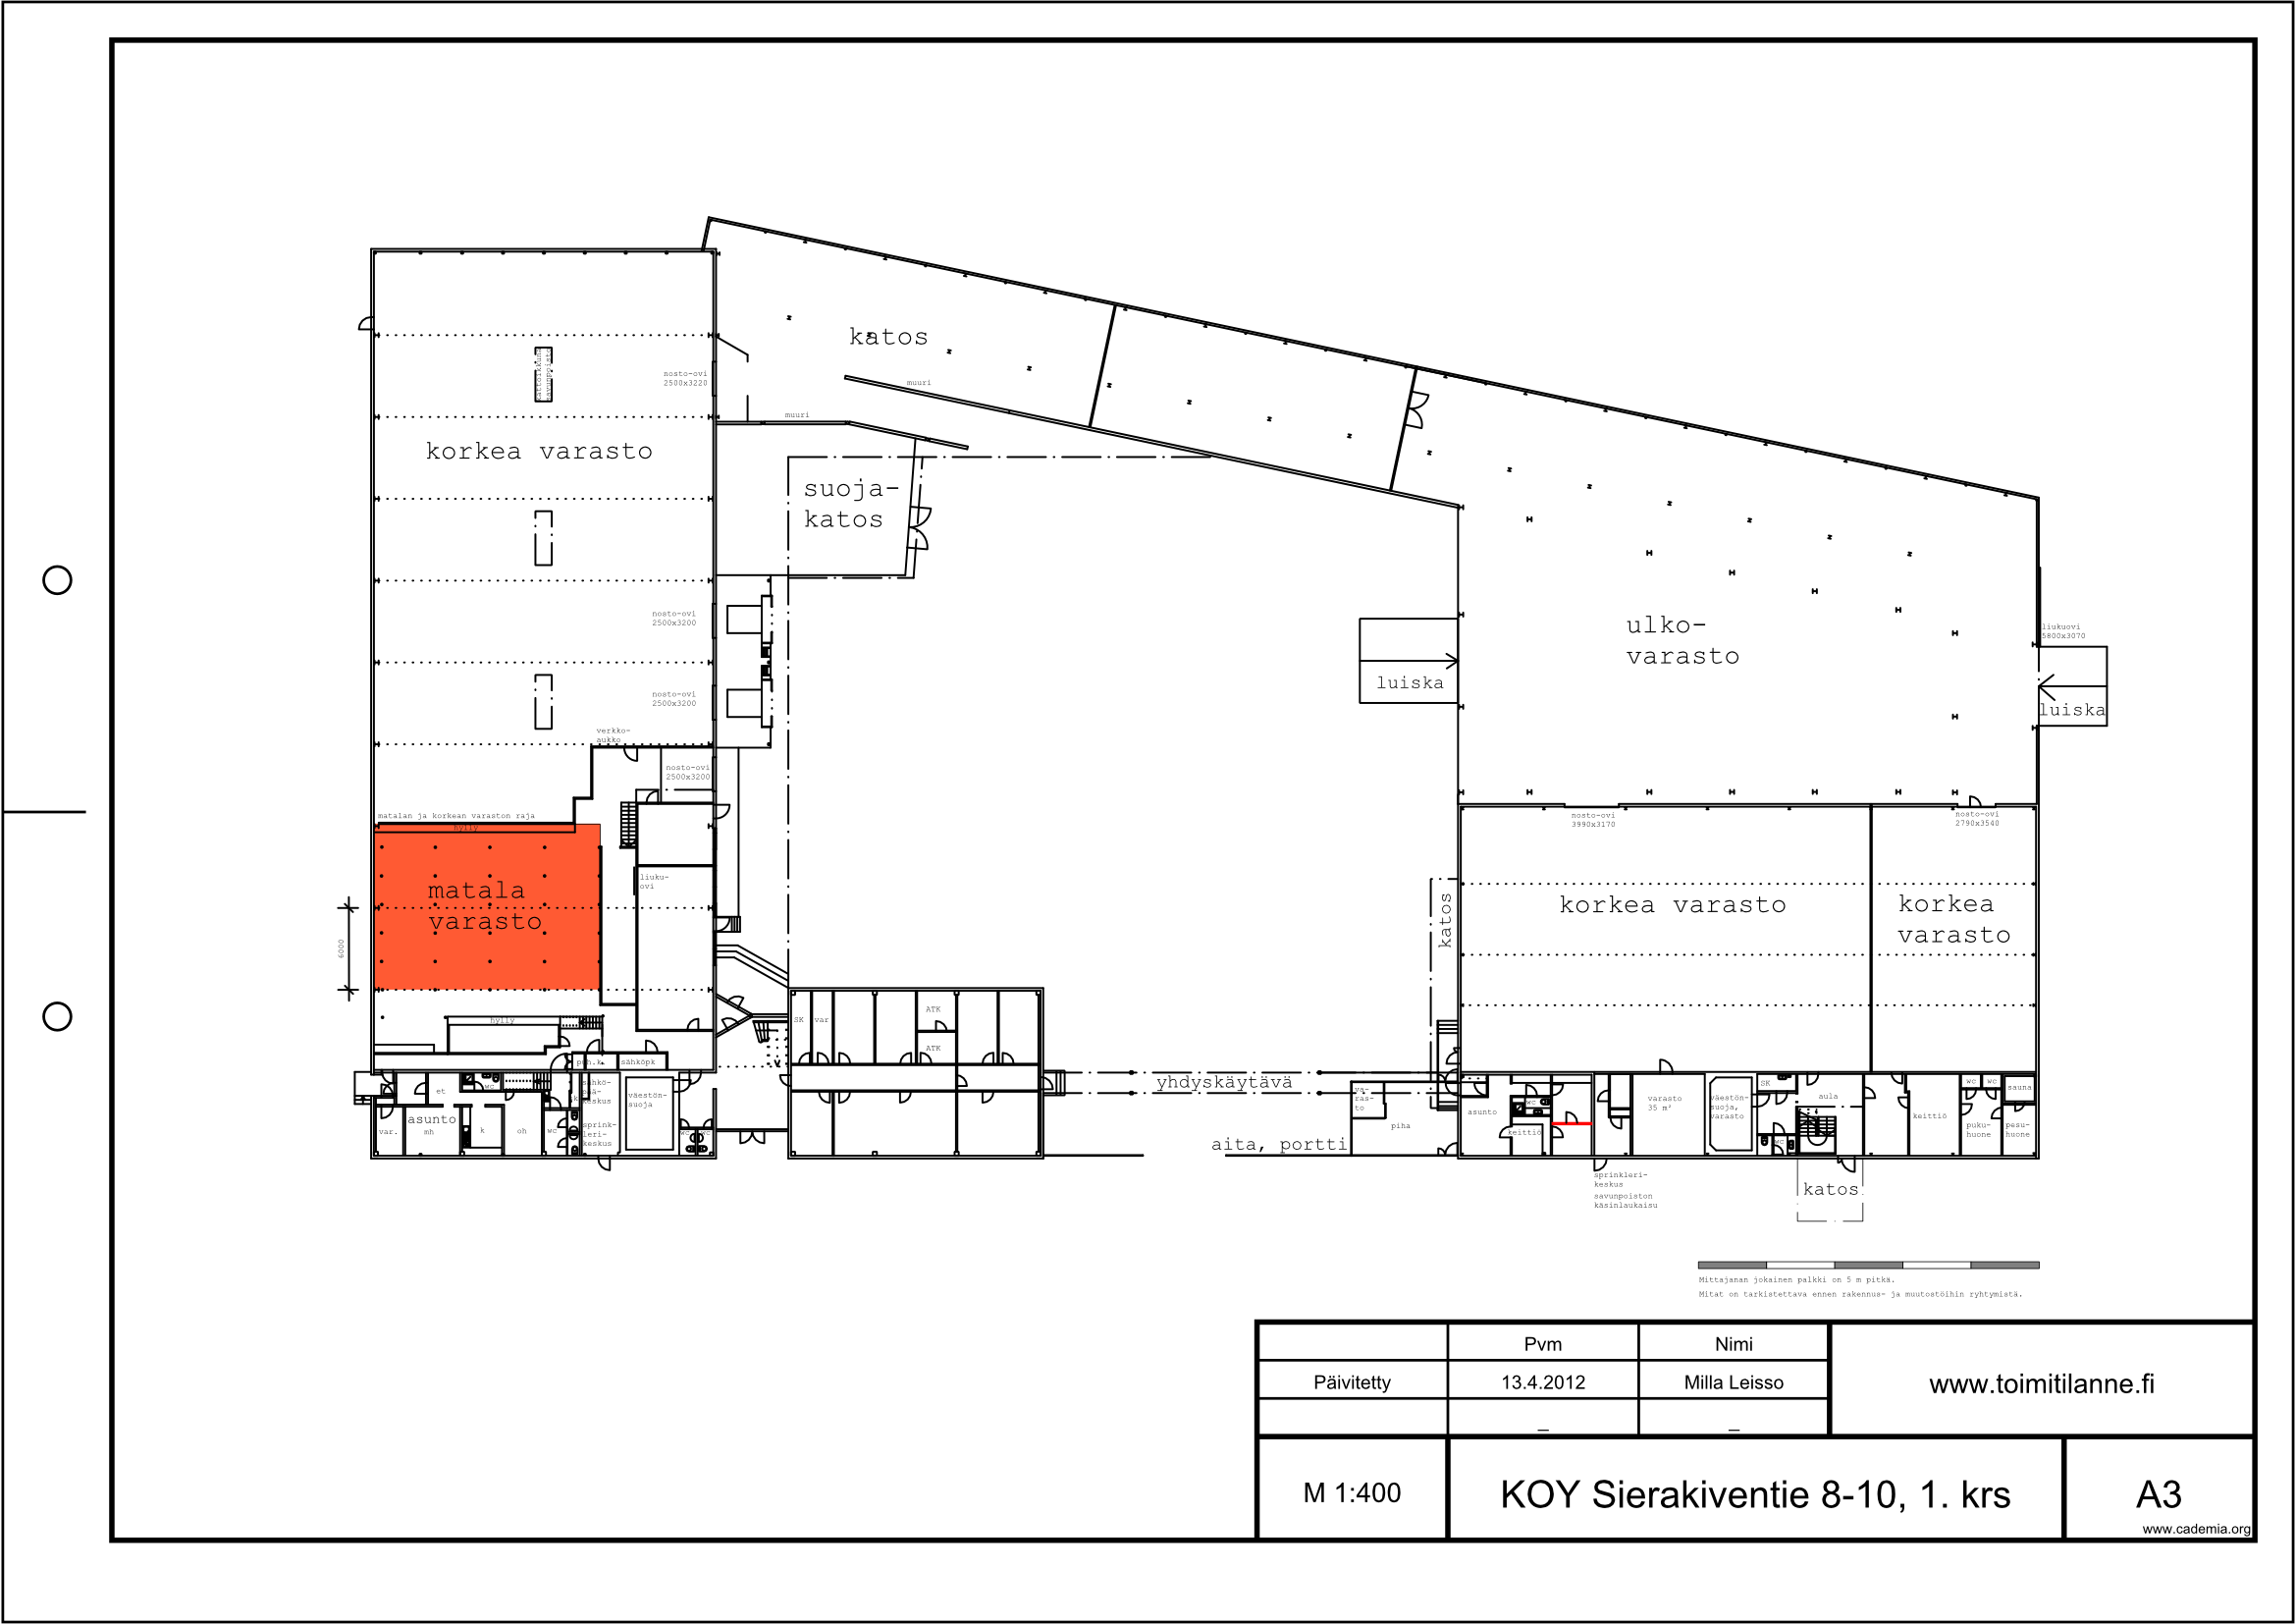 Toimitilanne Suomi, Espoo - Kauklahti, Sierakiventie 8-10, Varastotila 201 m²